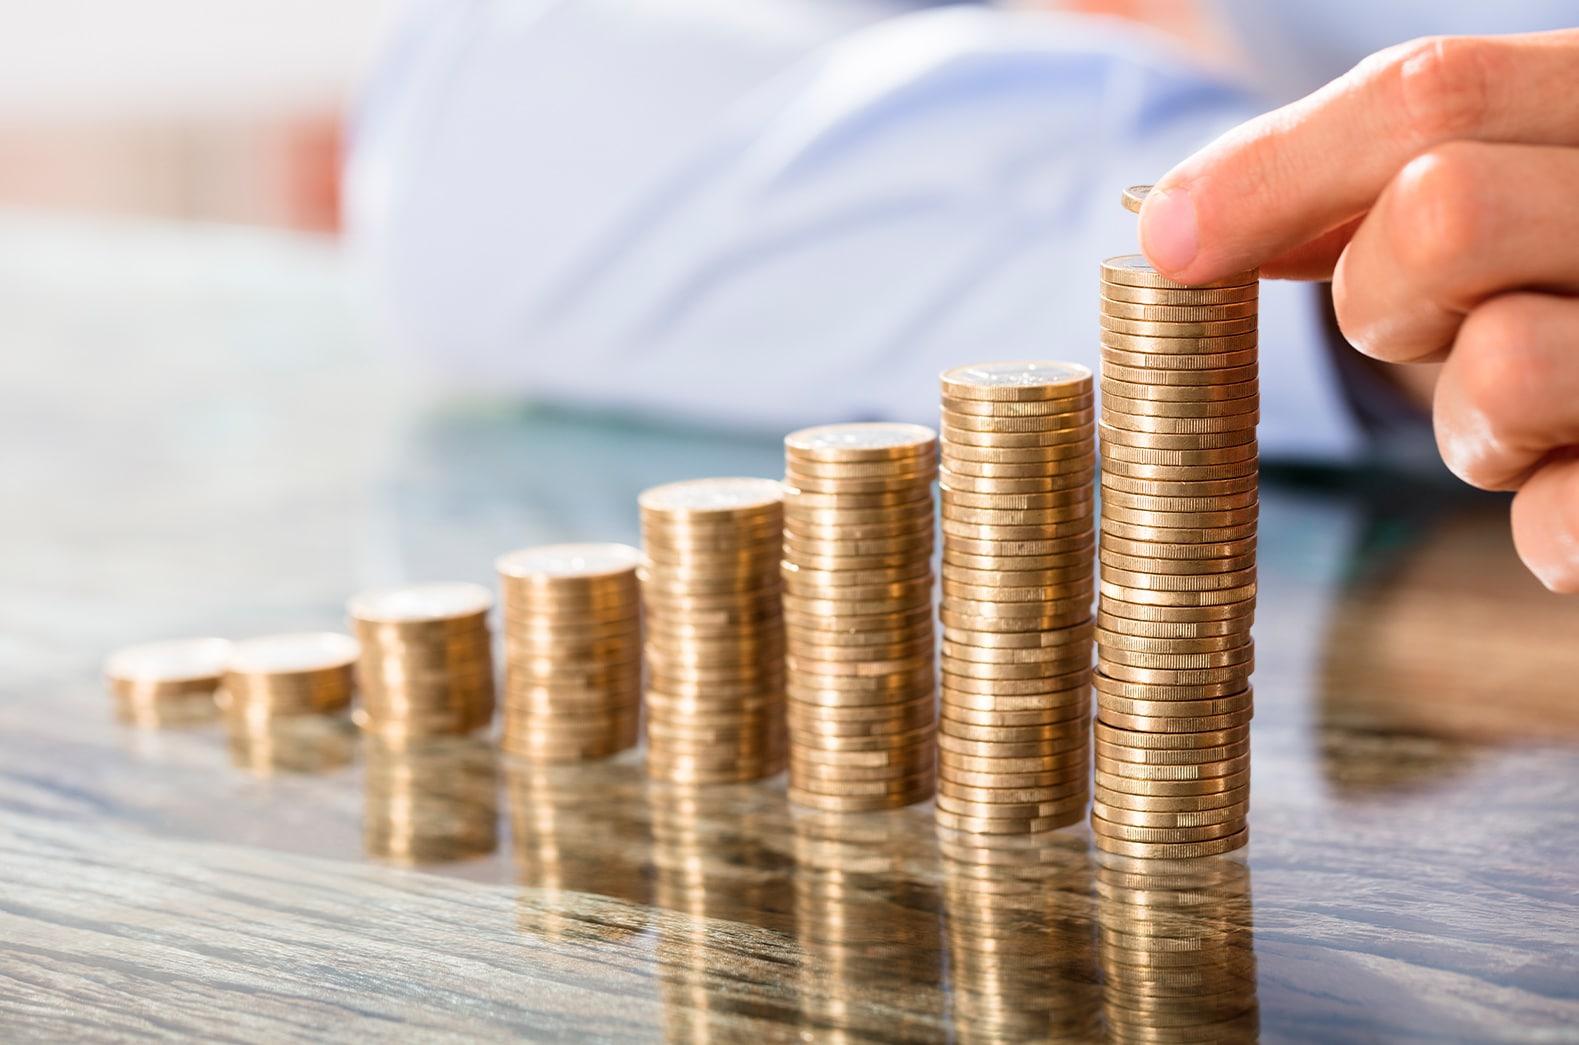 Forte reprise économique mondiale sous fonds d'inégalité